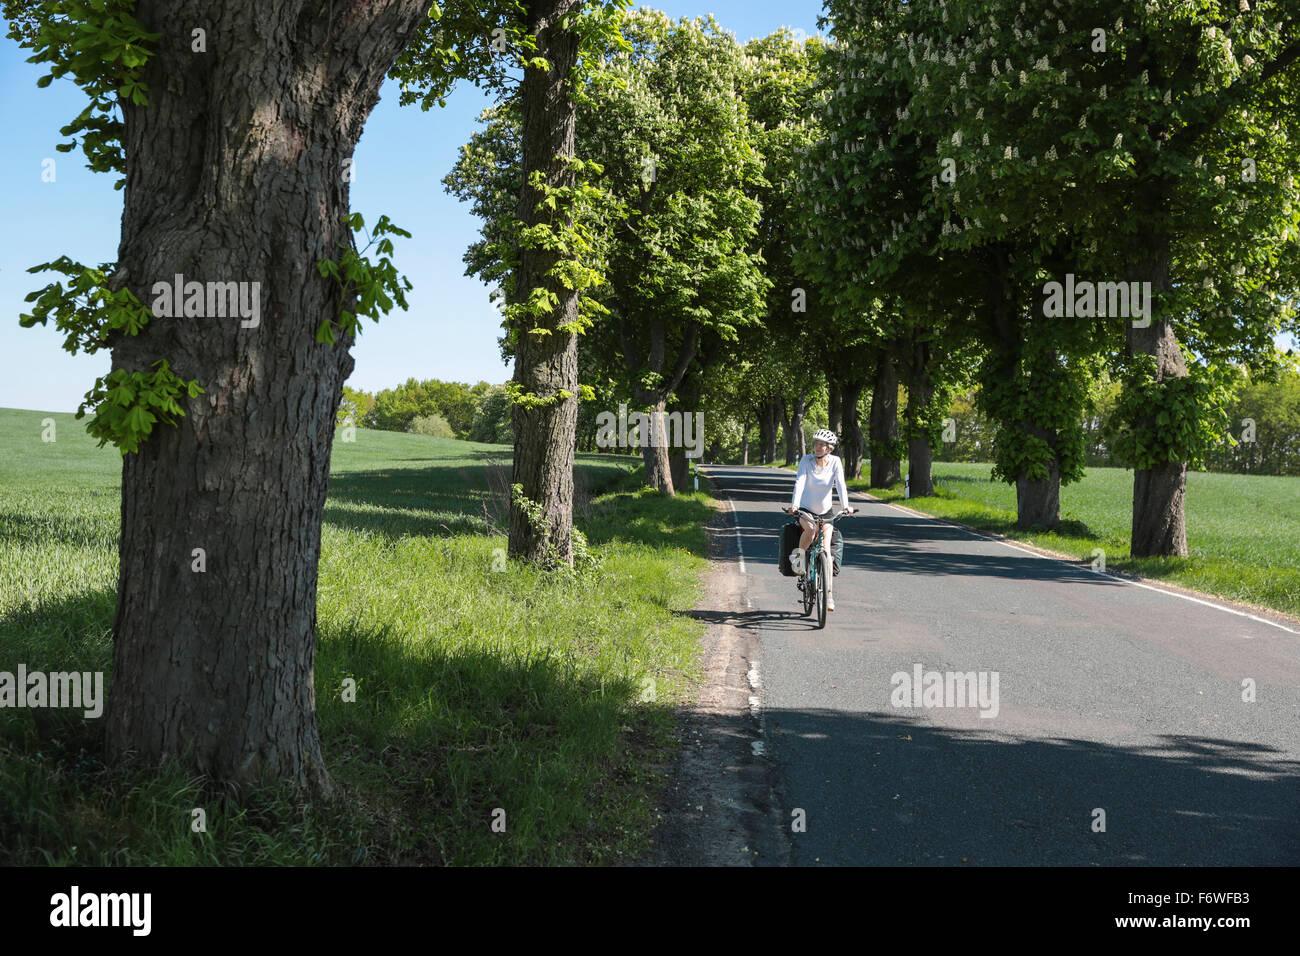 Ciclista passando un castagno-rigato Avenue, vicino Boitzenburg, Uckermark, Brandeburgo, Germania Foto Stock